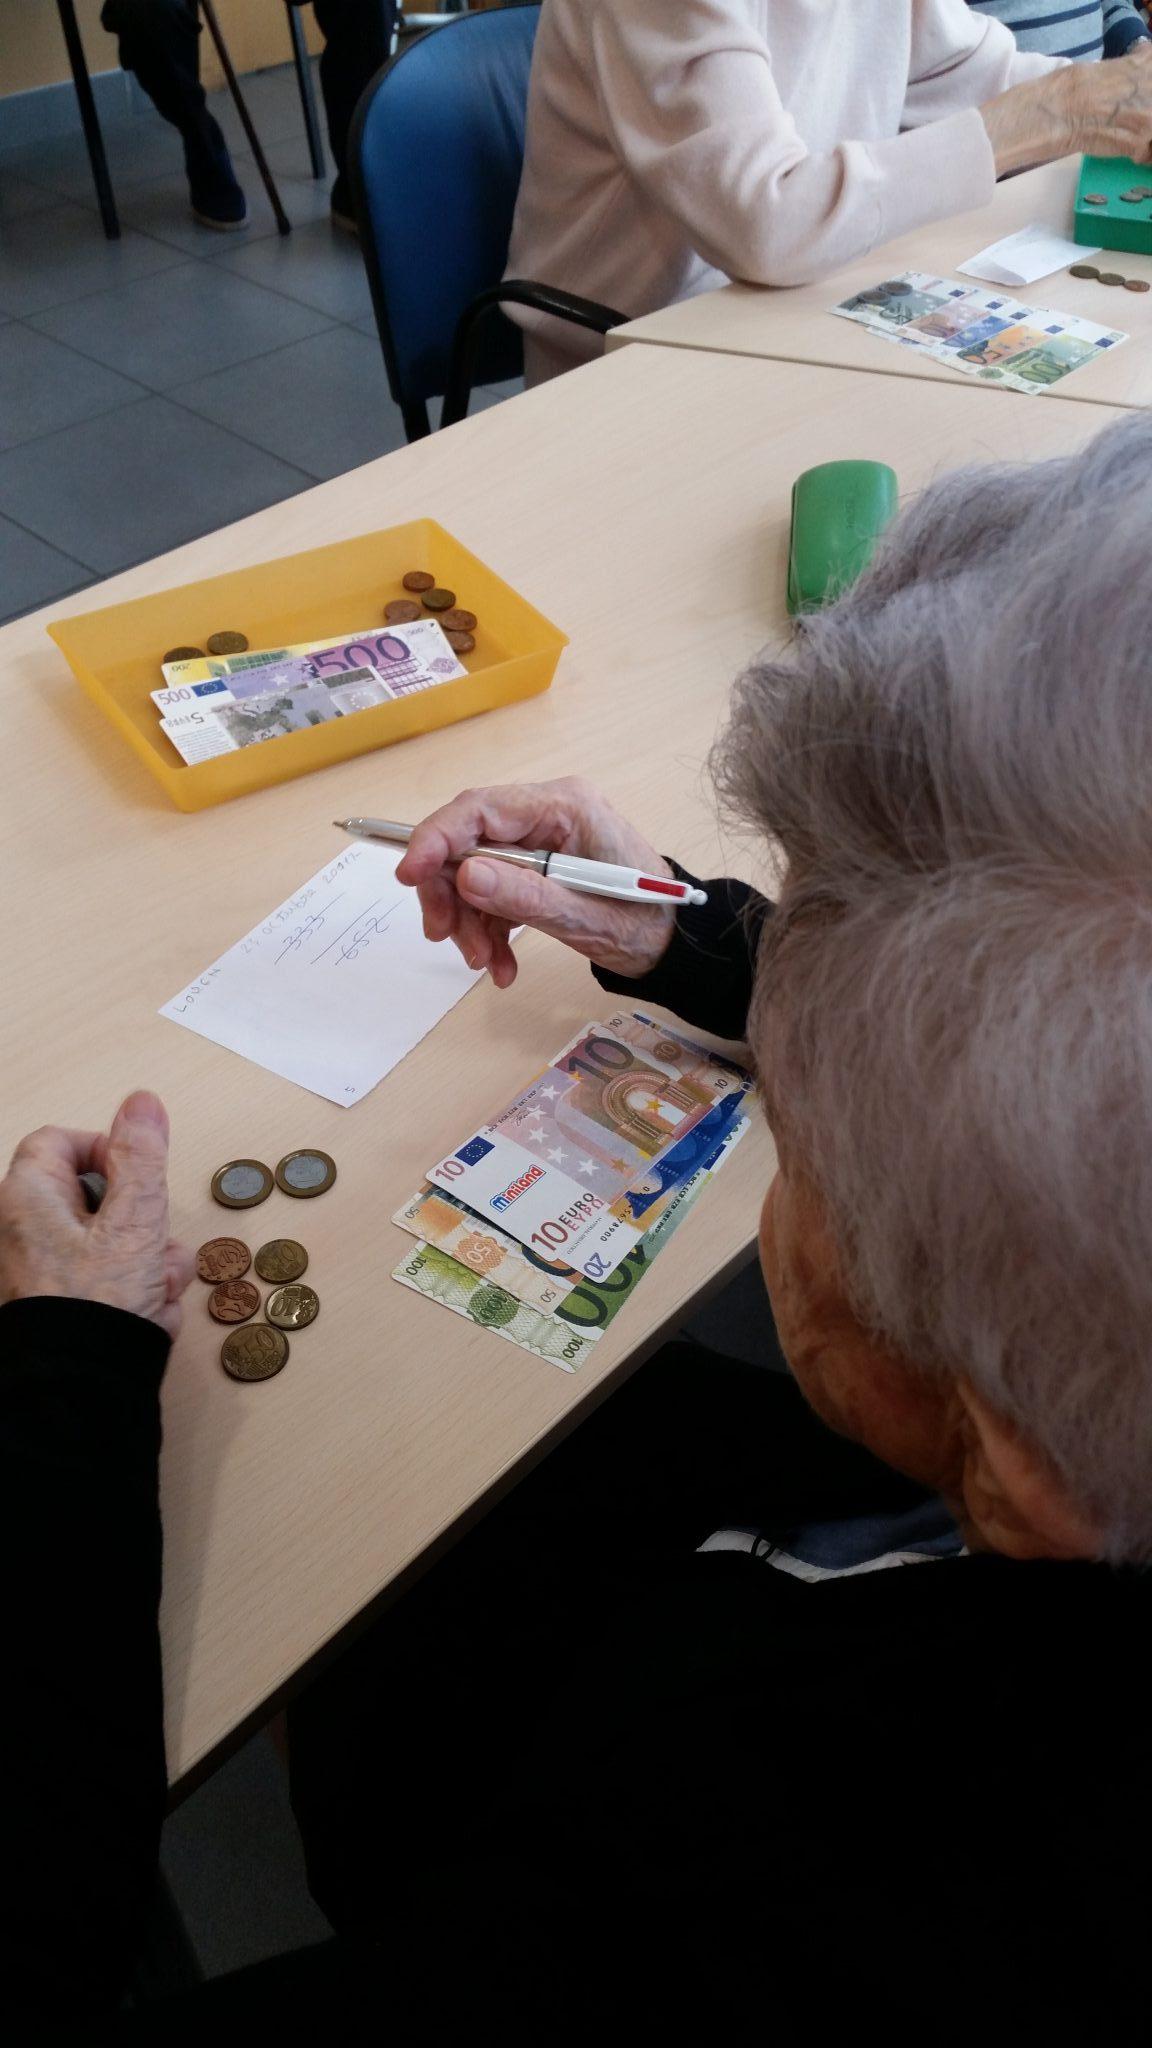 Exercicis d'estimulació cognitiva amb Euros